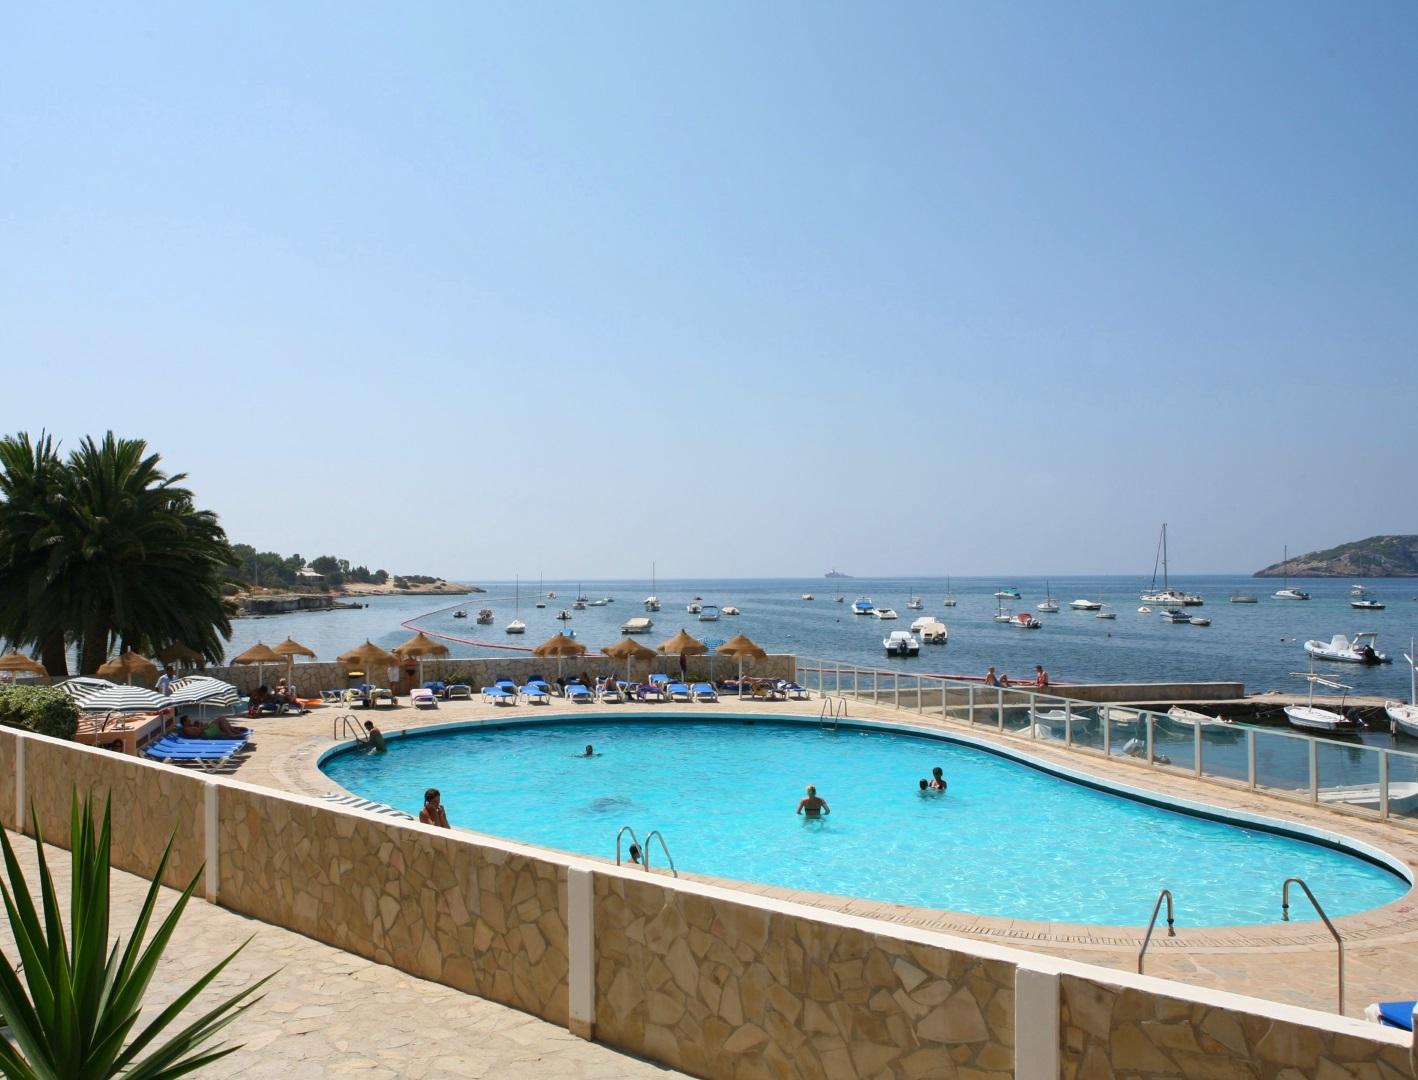 hoteles playa ibiza IMG_7038 (Large)